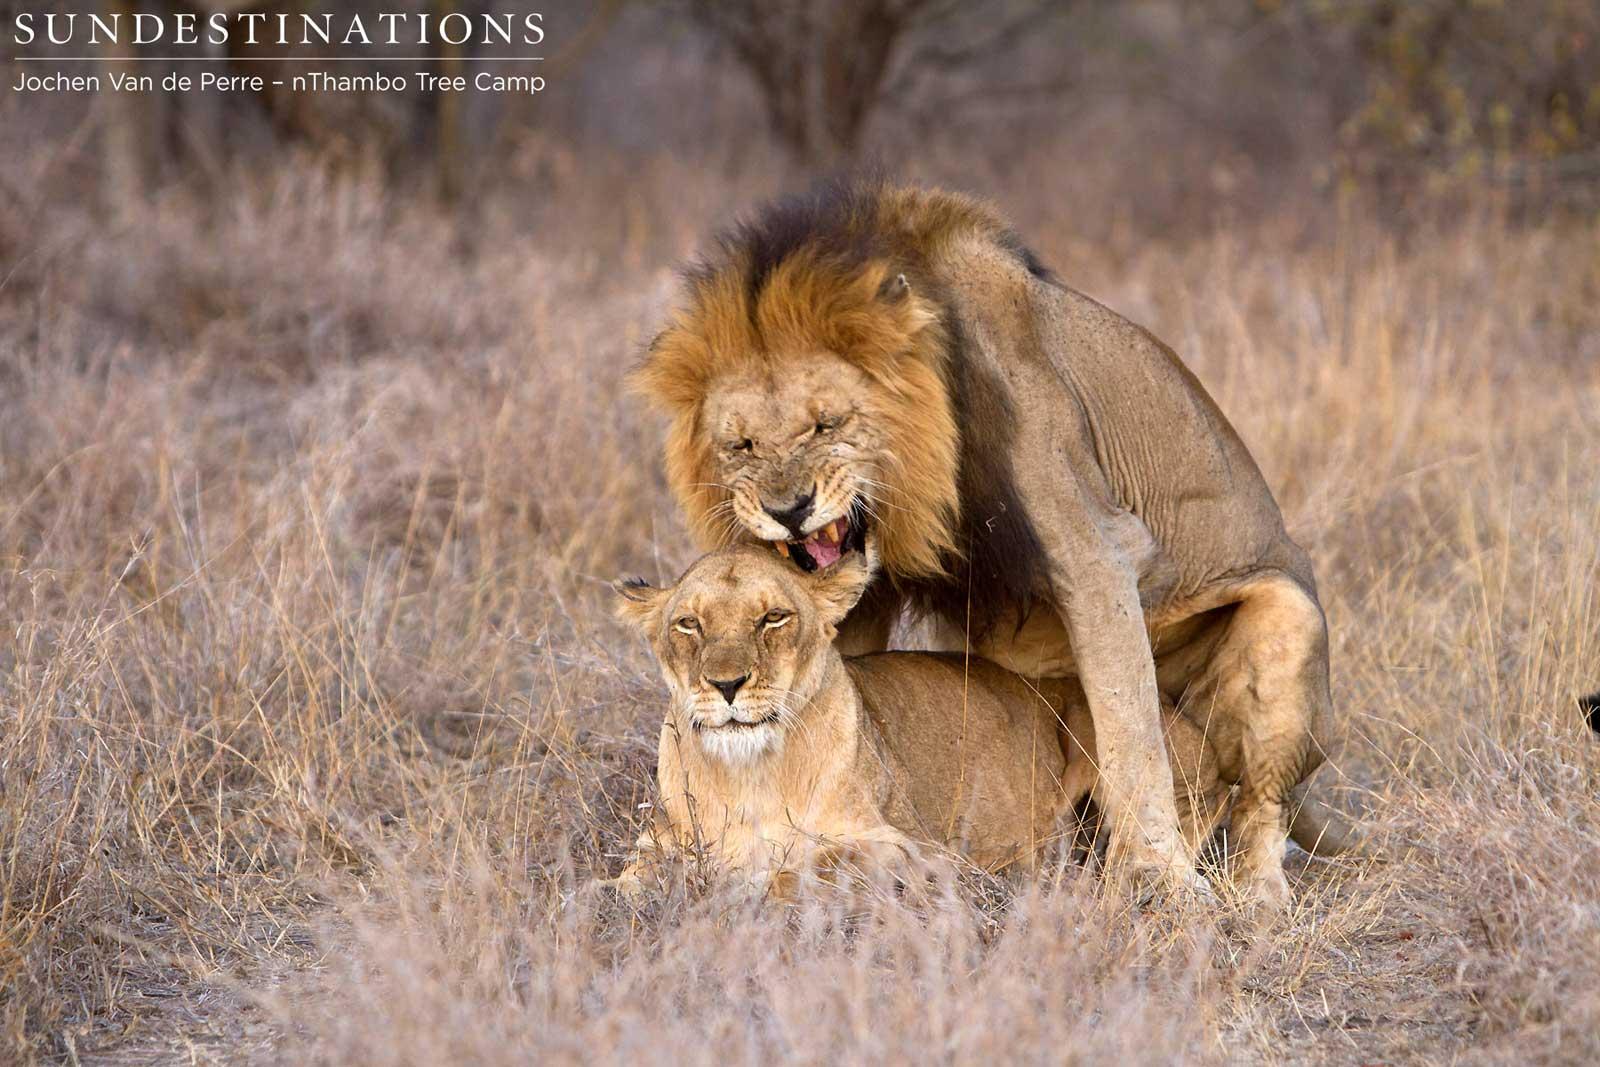 Klaserie lions mating